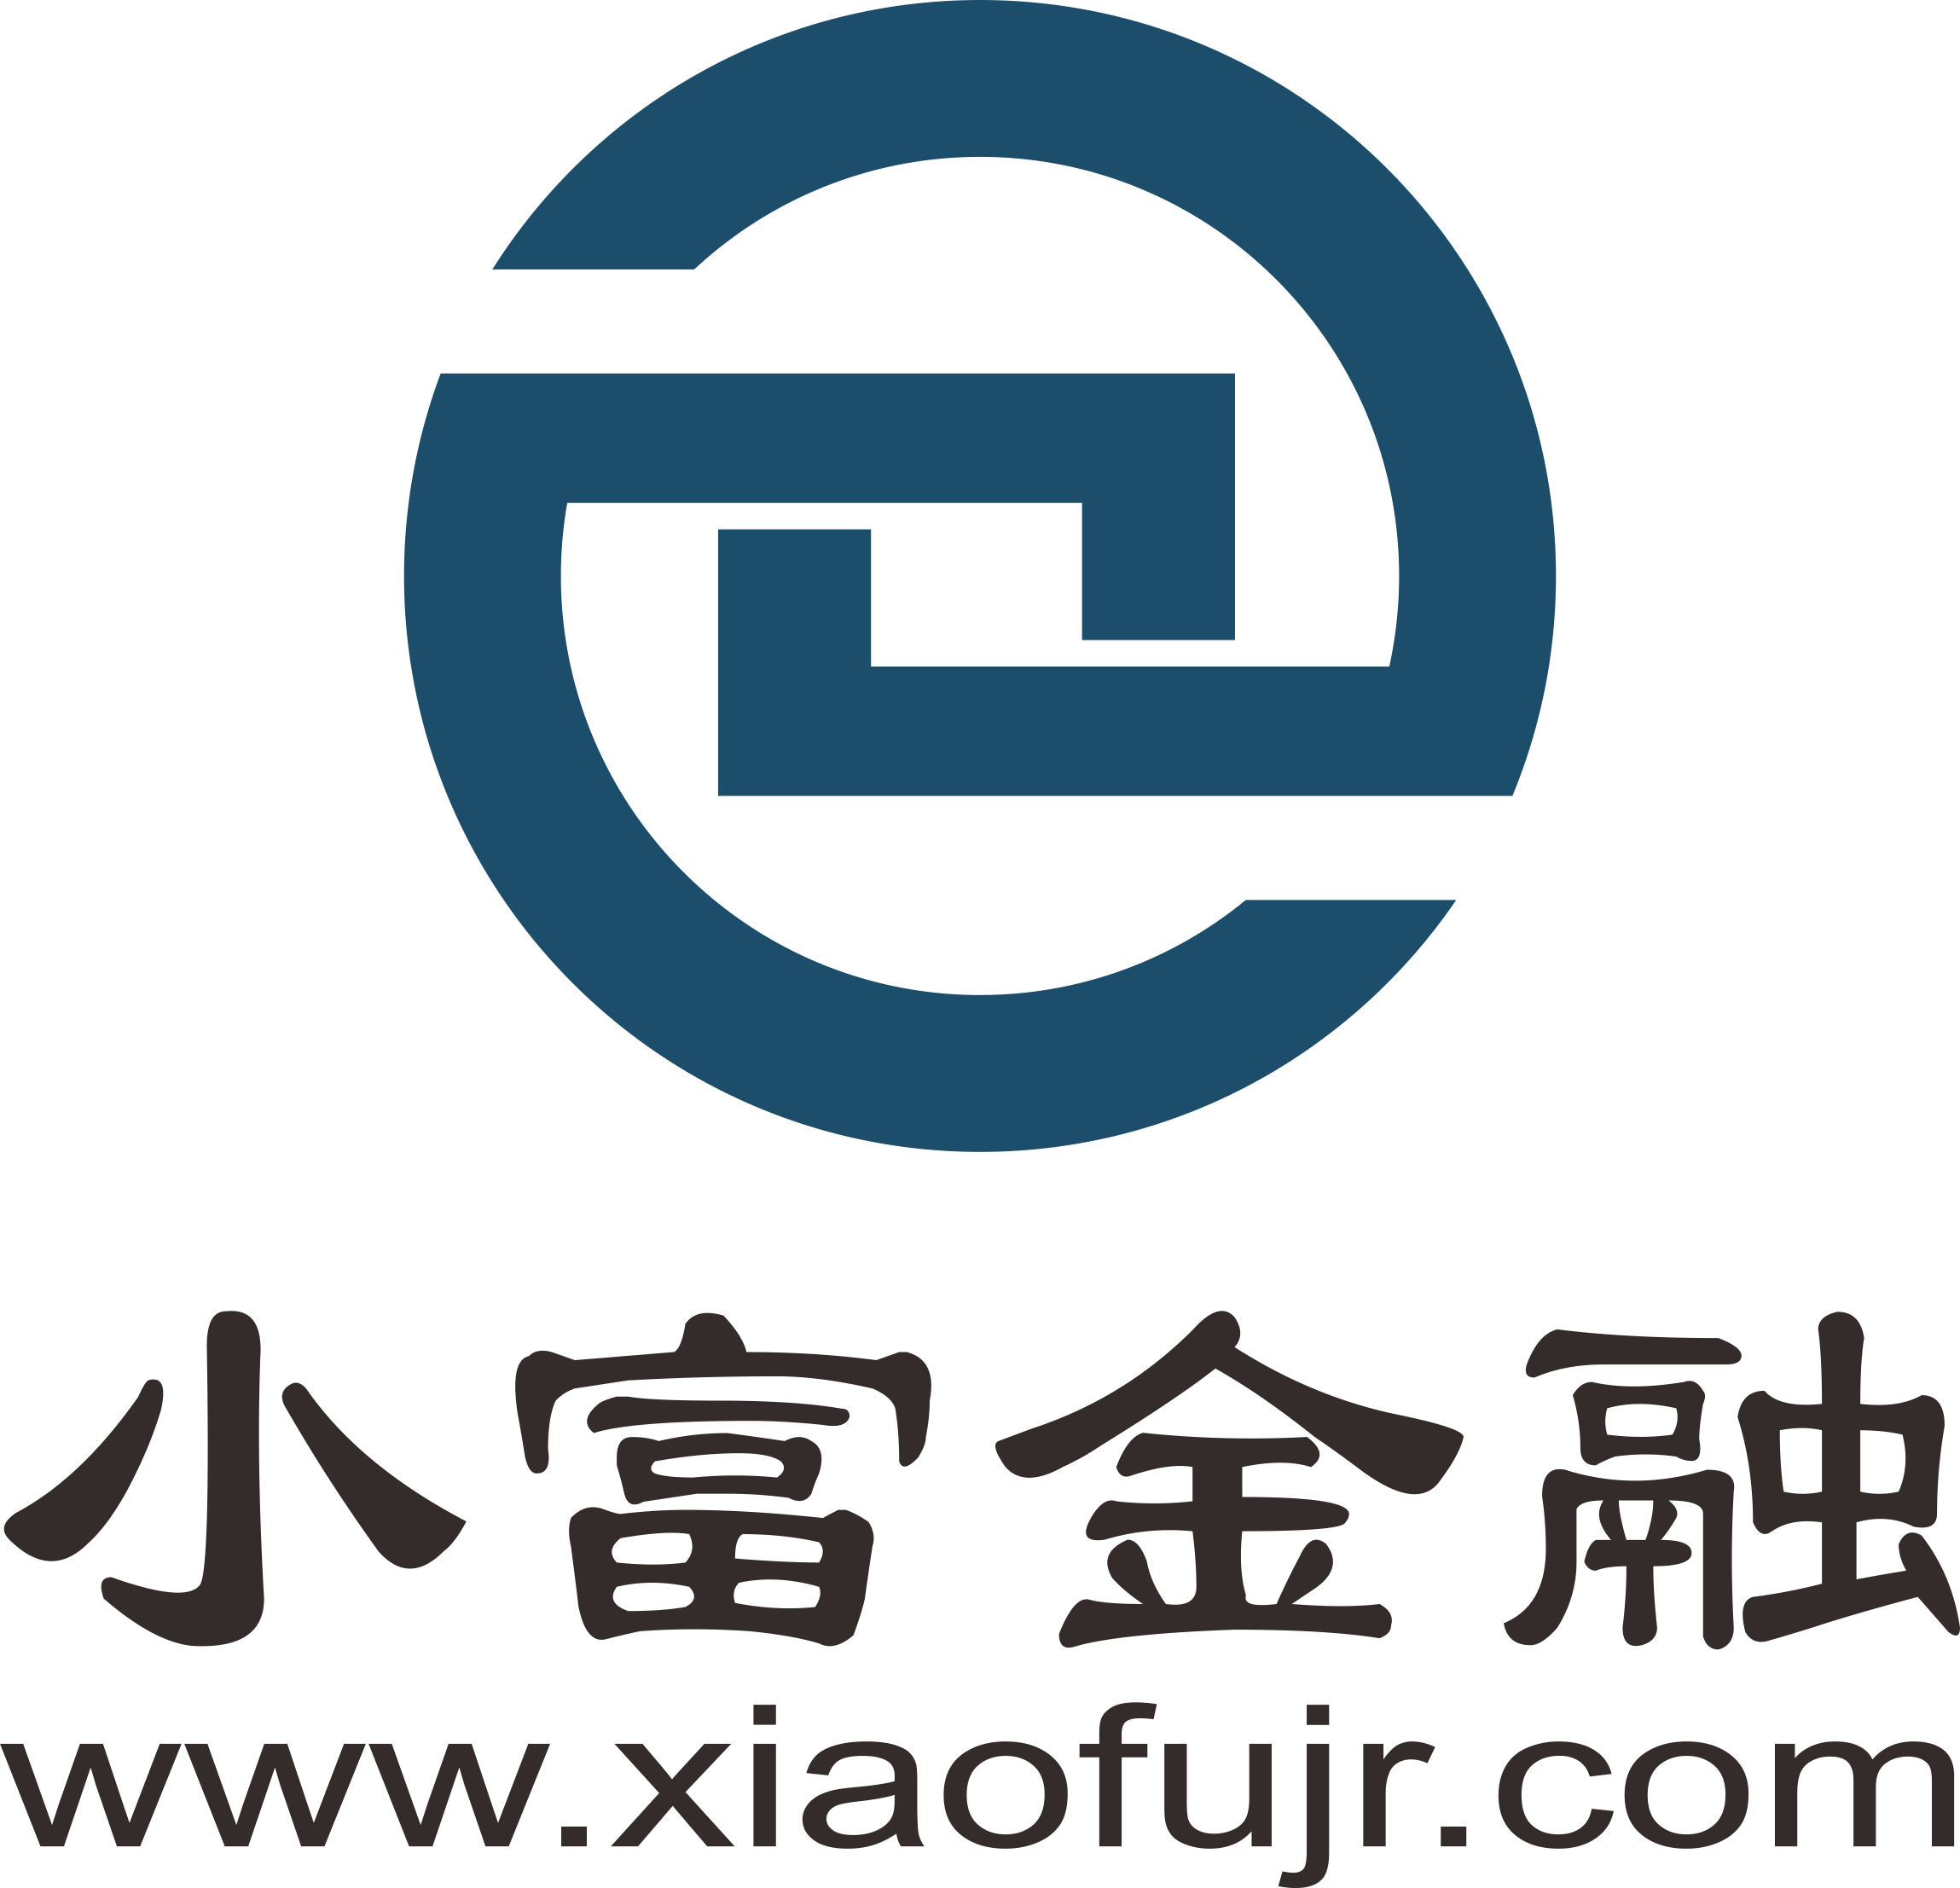 武汉小富金融信息服务股份有限公司logo